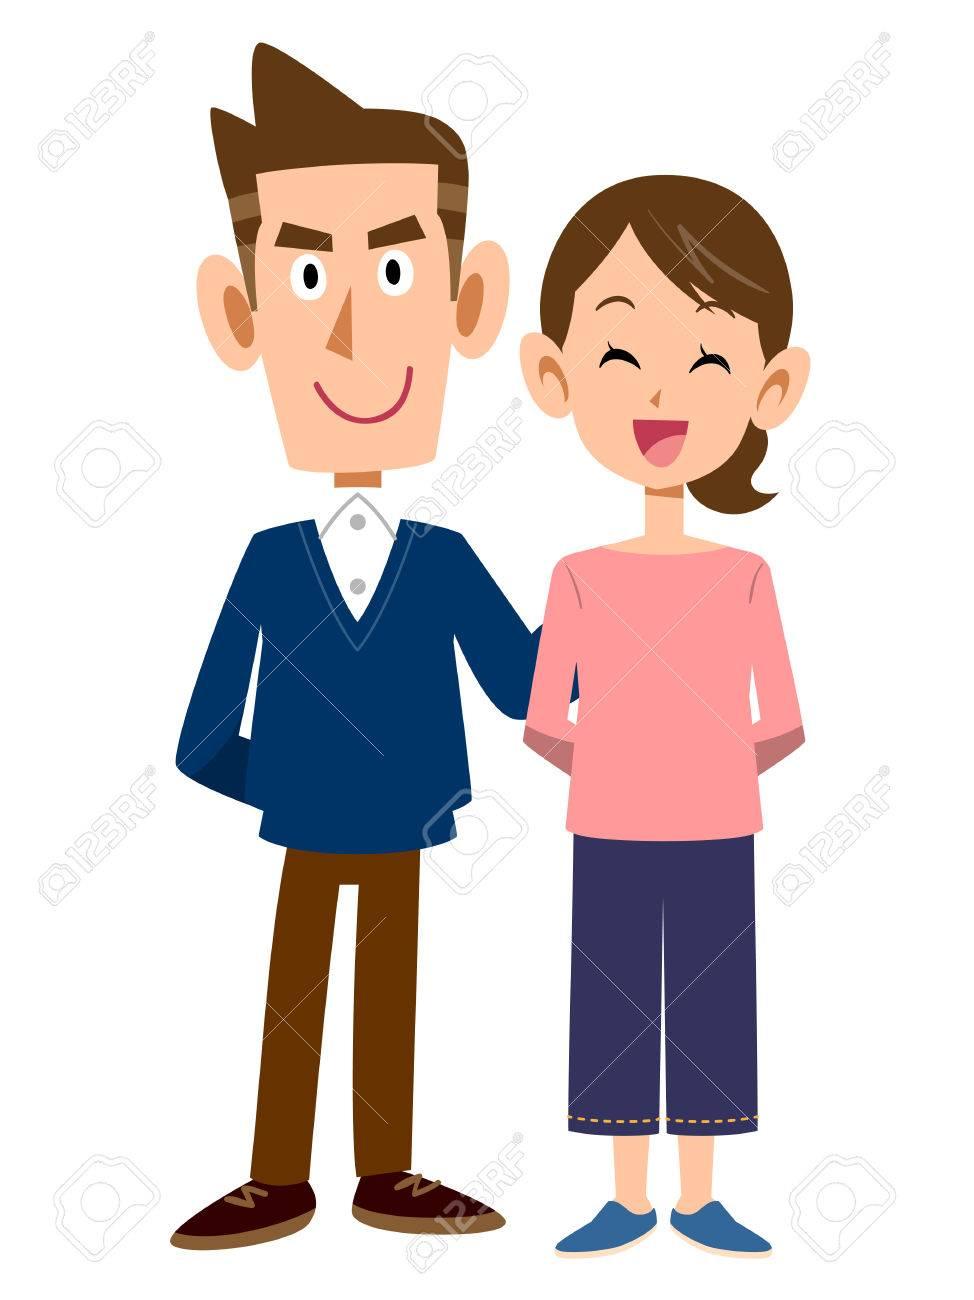 Men and women cuddling - 45022176